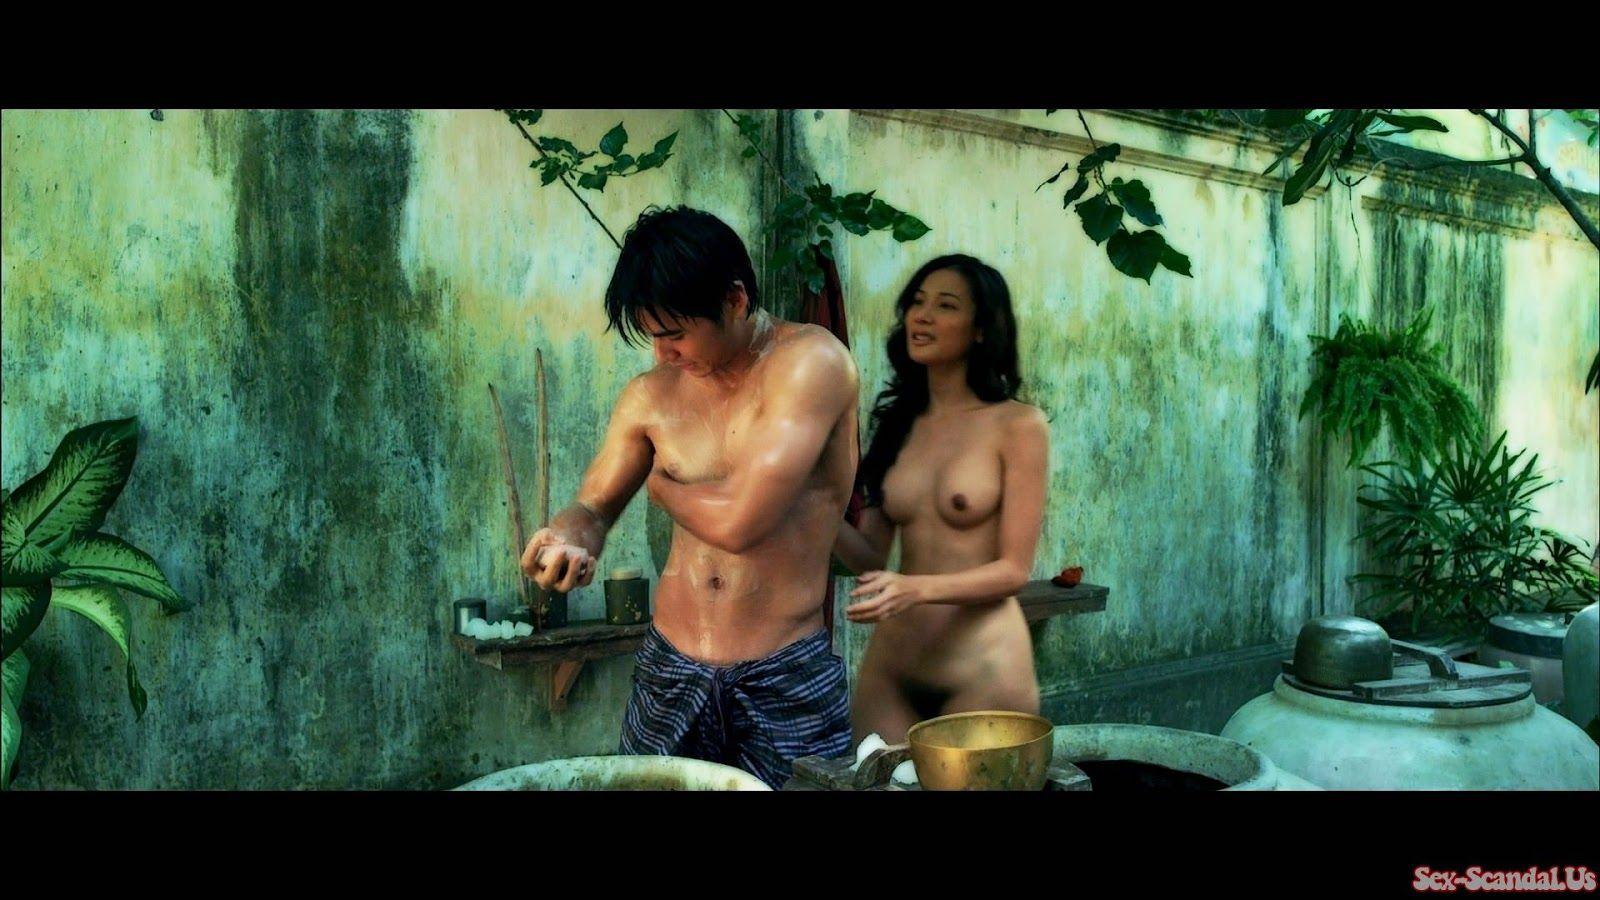 Фильм с участием николь кидман с порно они просто